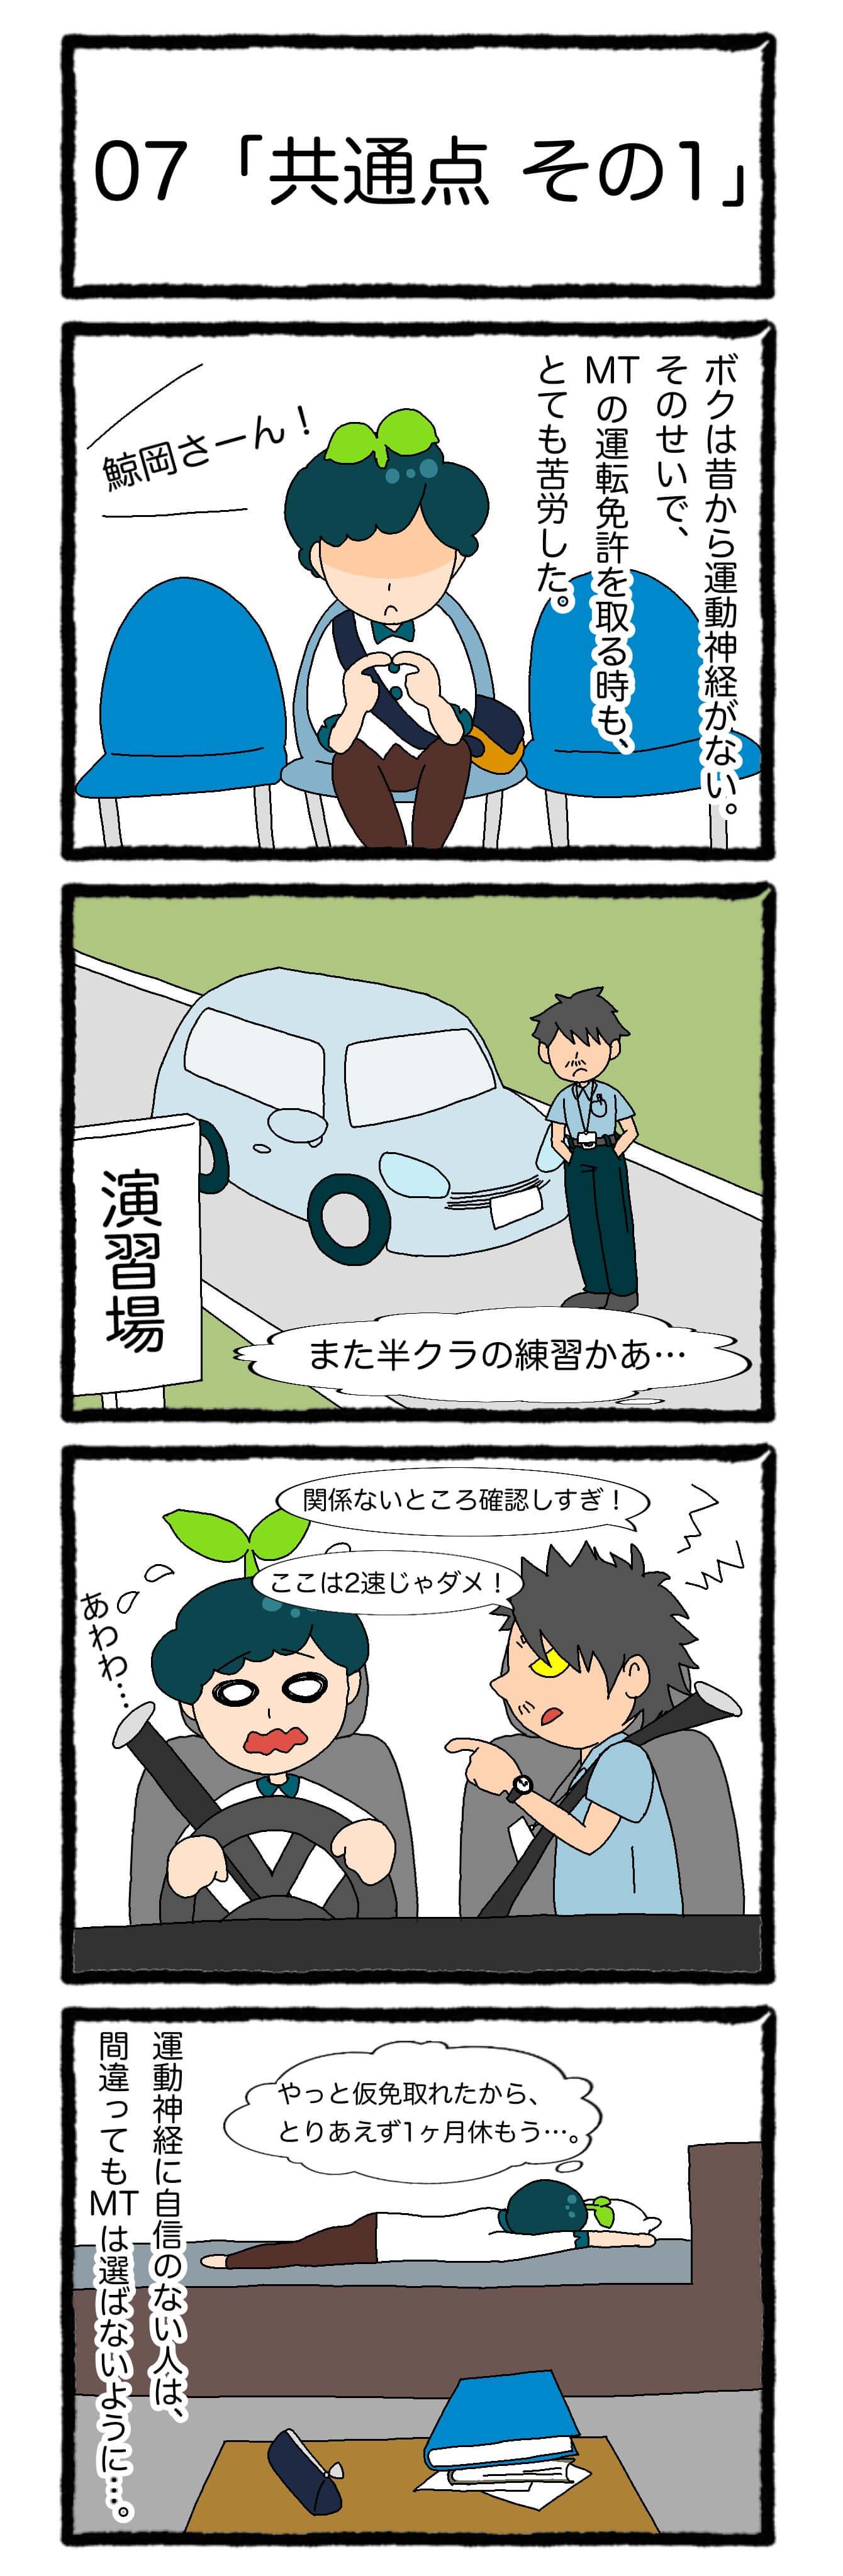 【4コマ漫画】ハルさんと。。(4)